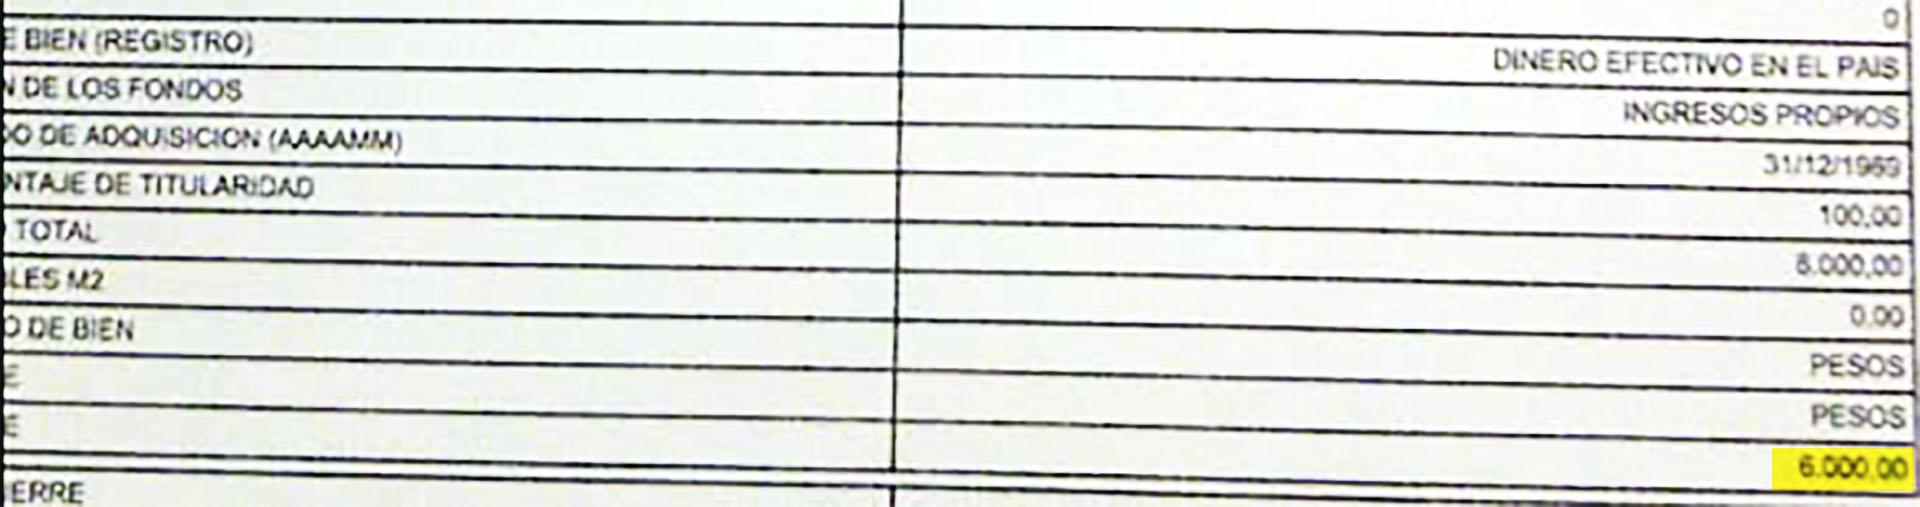 """Impresión papel del formulario original cargado a través de la página de la AFIP en la declaración """"Rectificativa 1""""."""